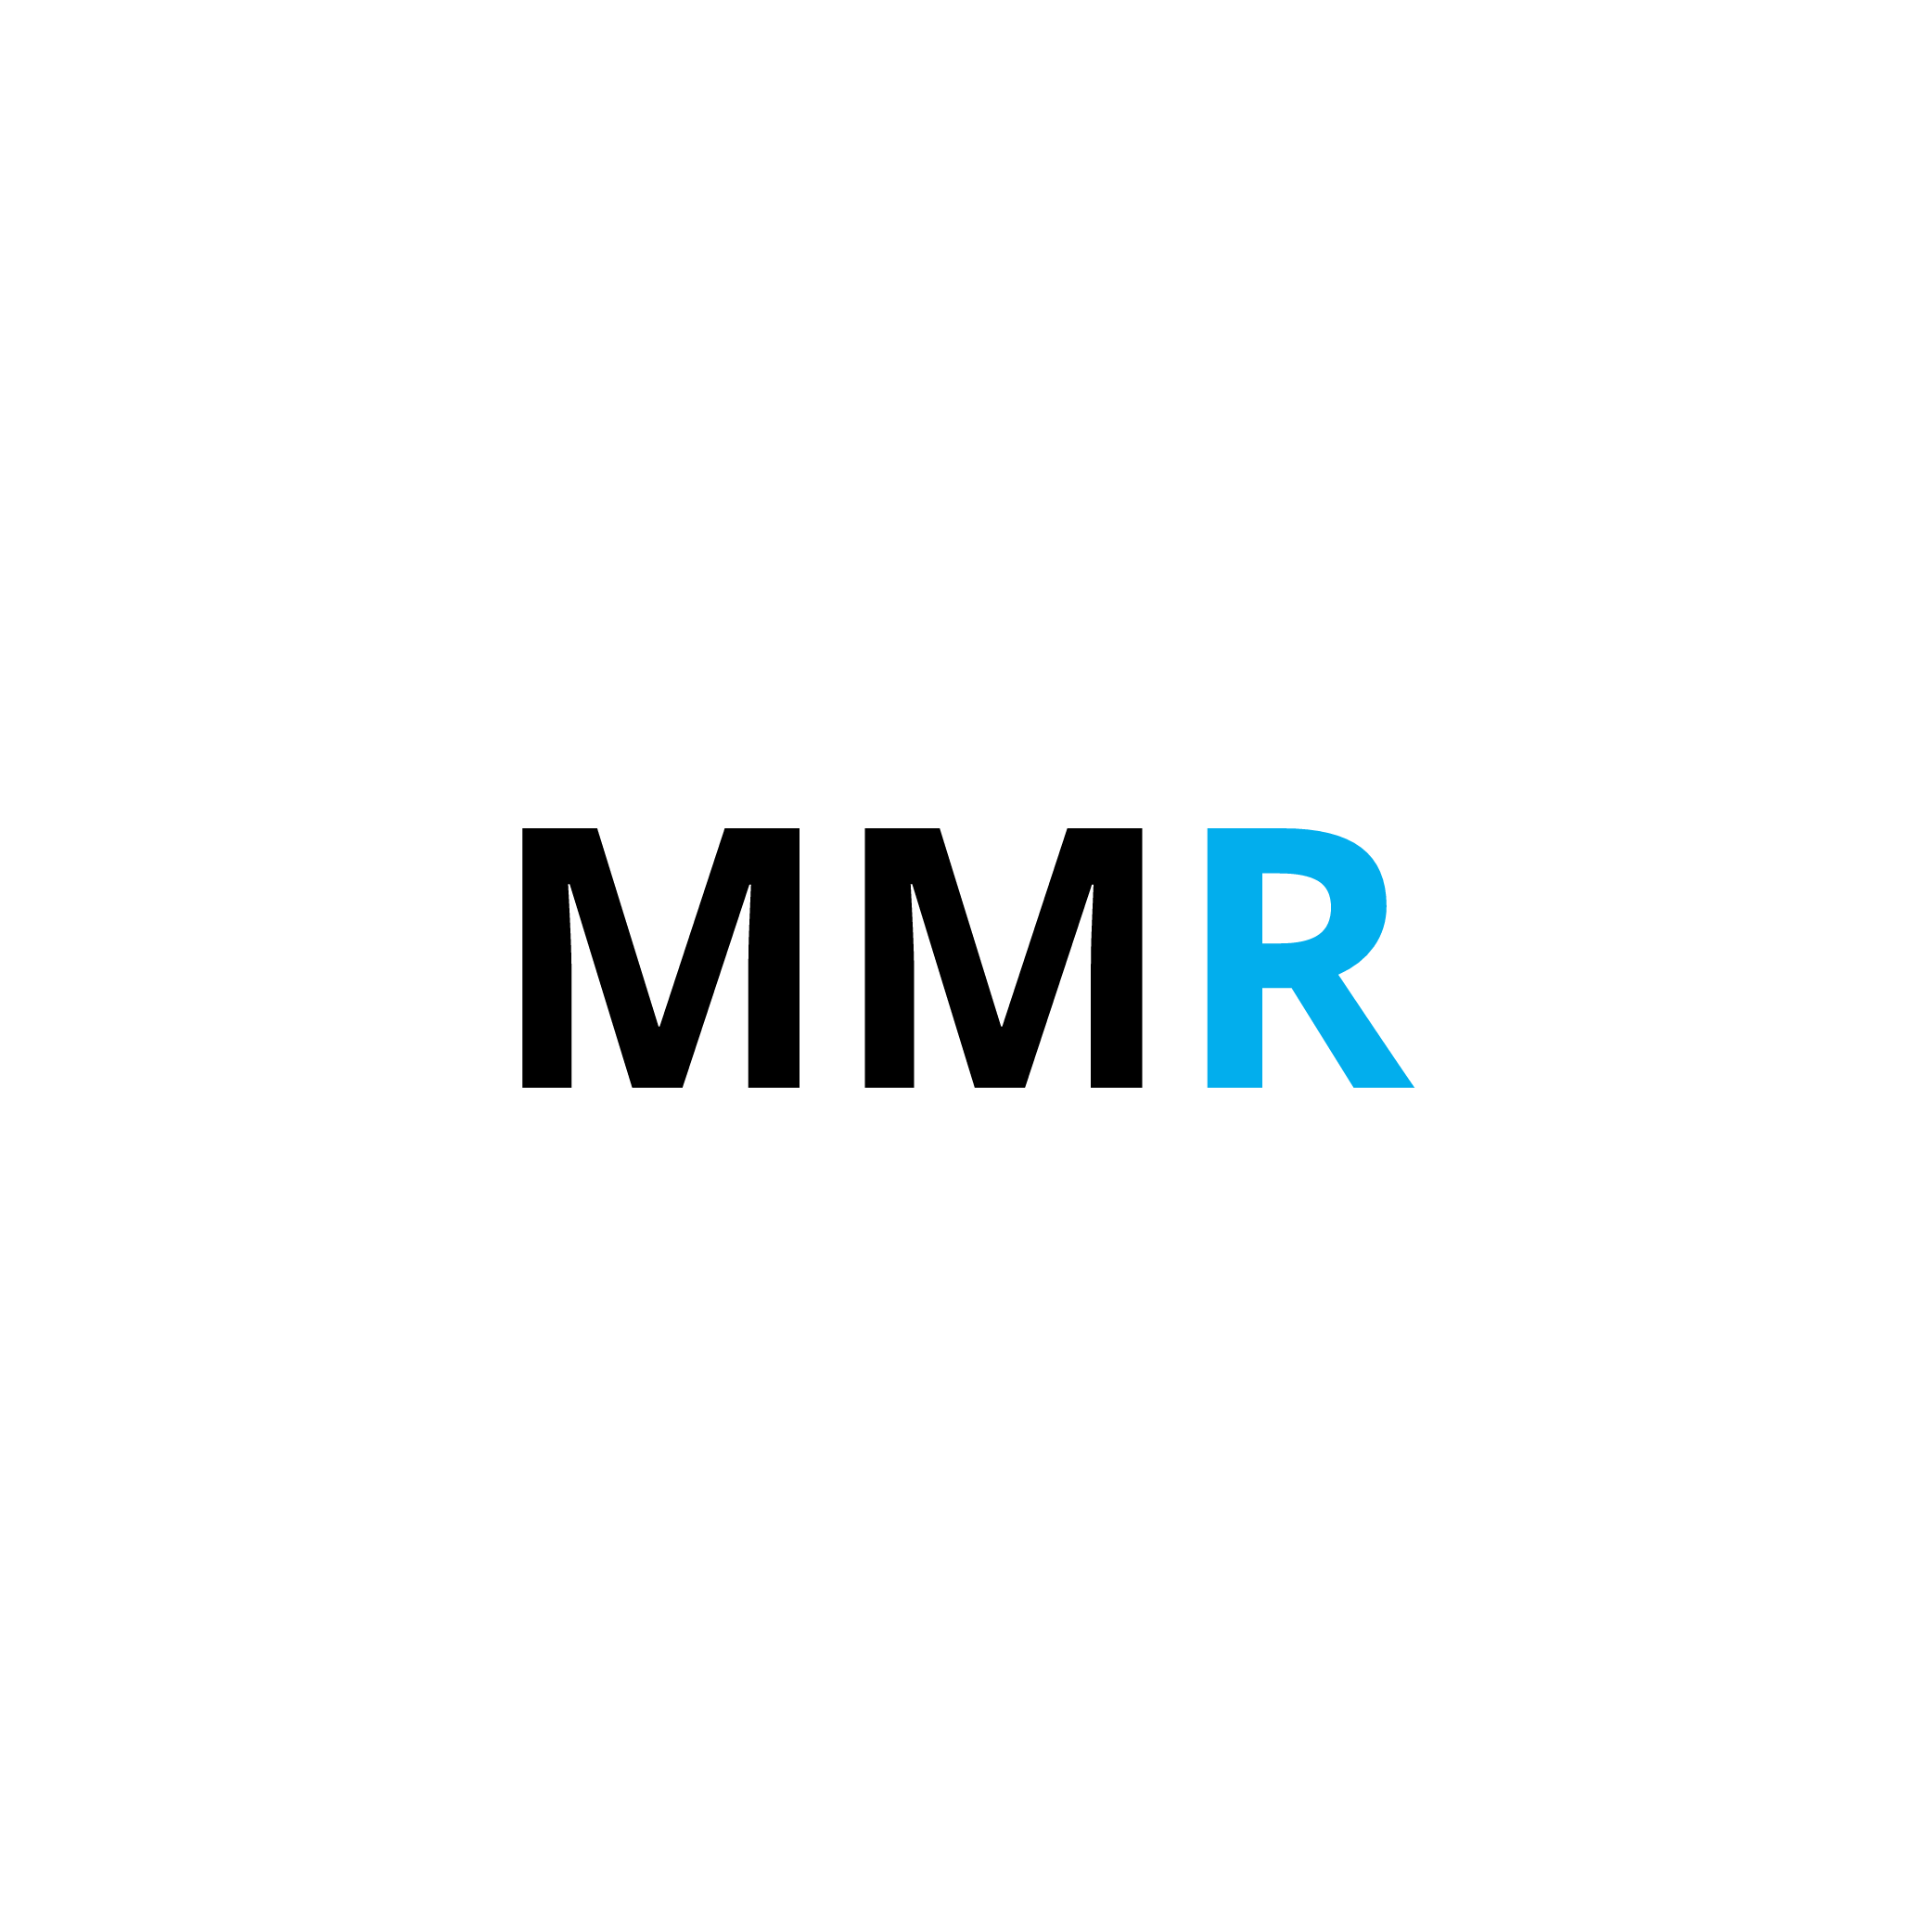 Resume Writing Services In Mumbai Delhi Bangalore Makemyresume